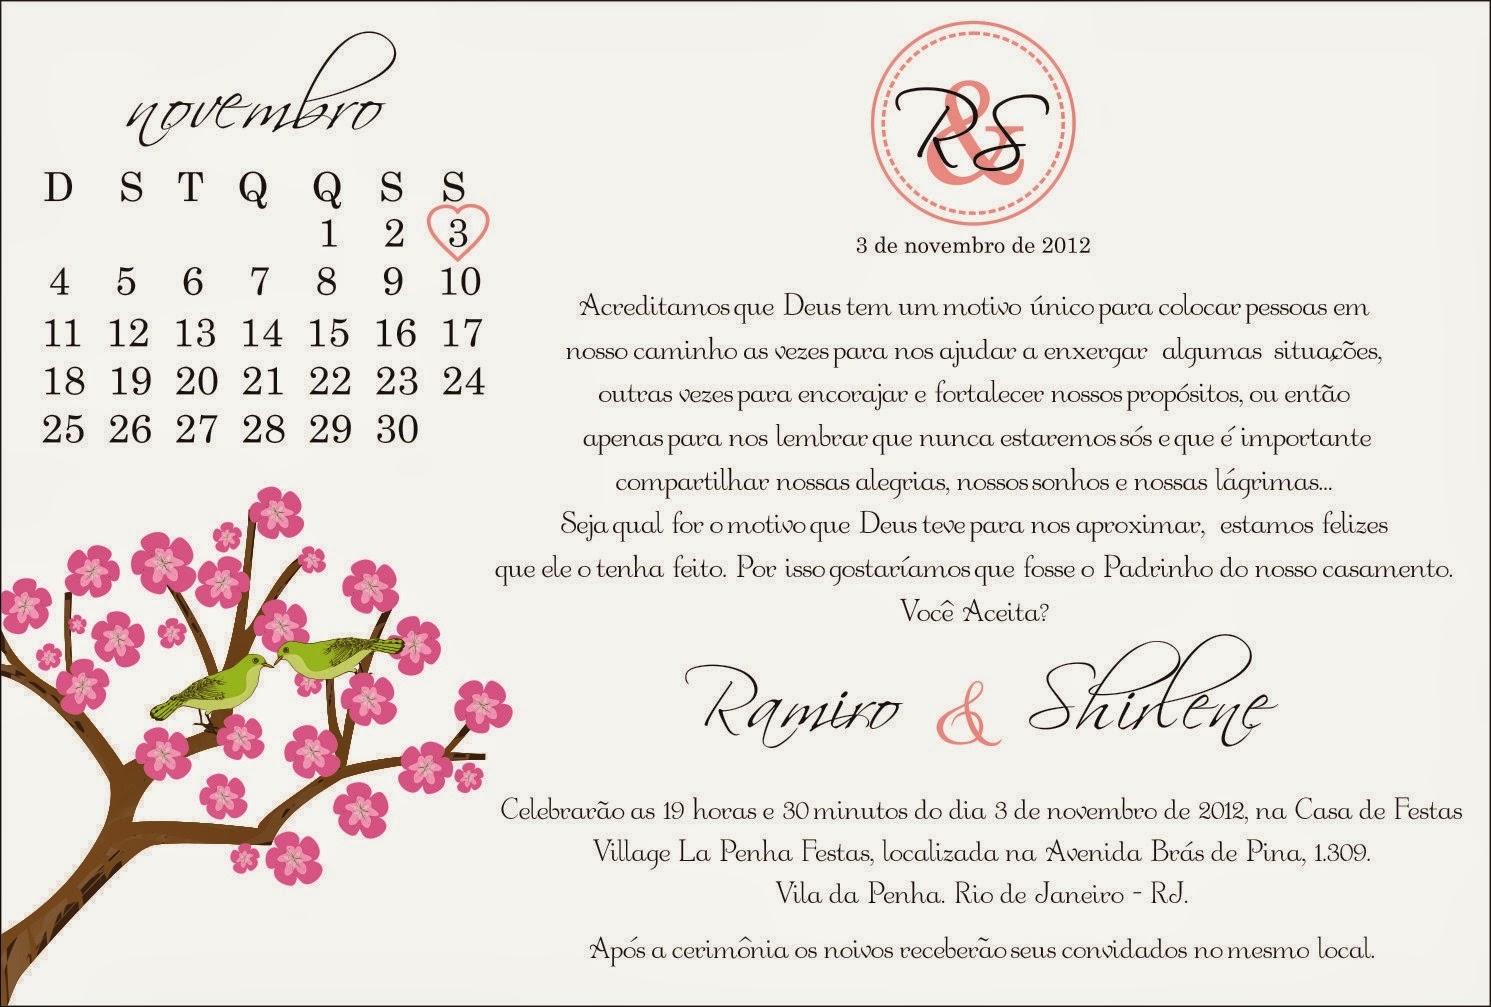 Excepcional O Buquê de Noiva: Convites de Casamento para Padrinhos ZE96